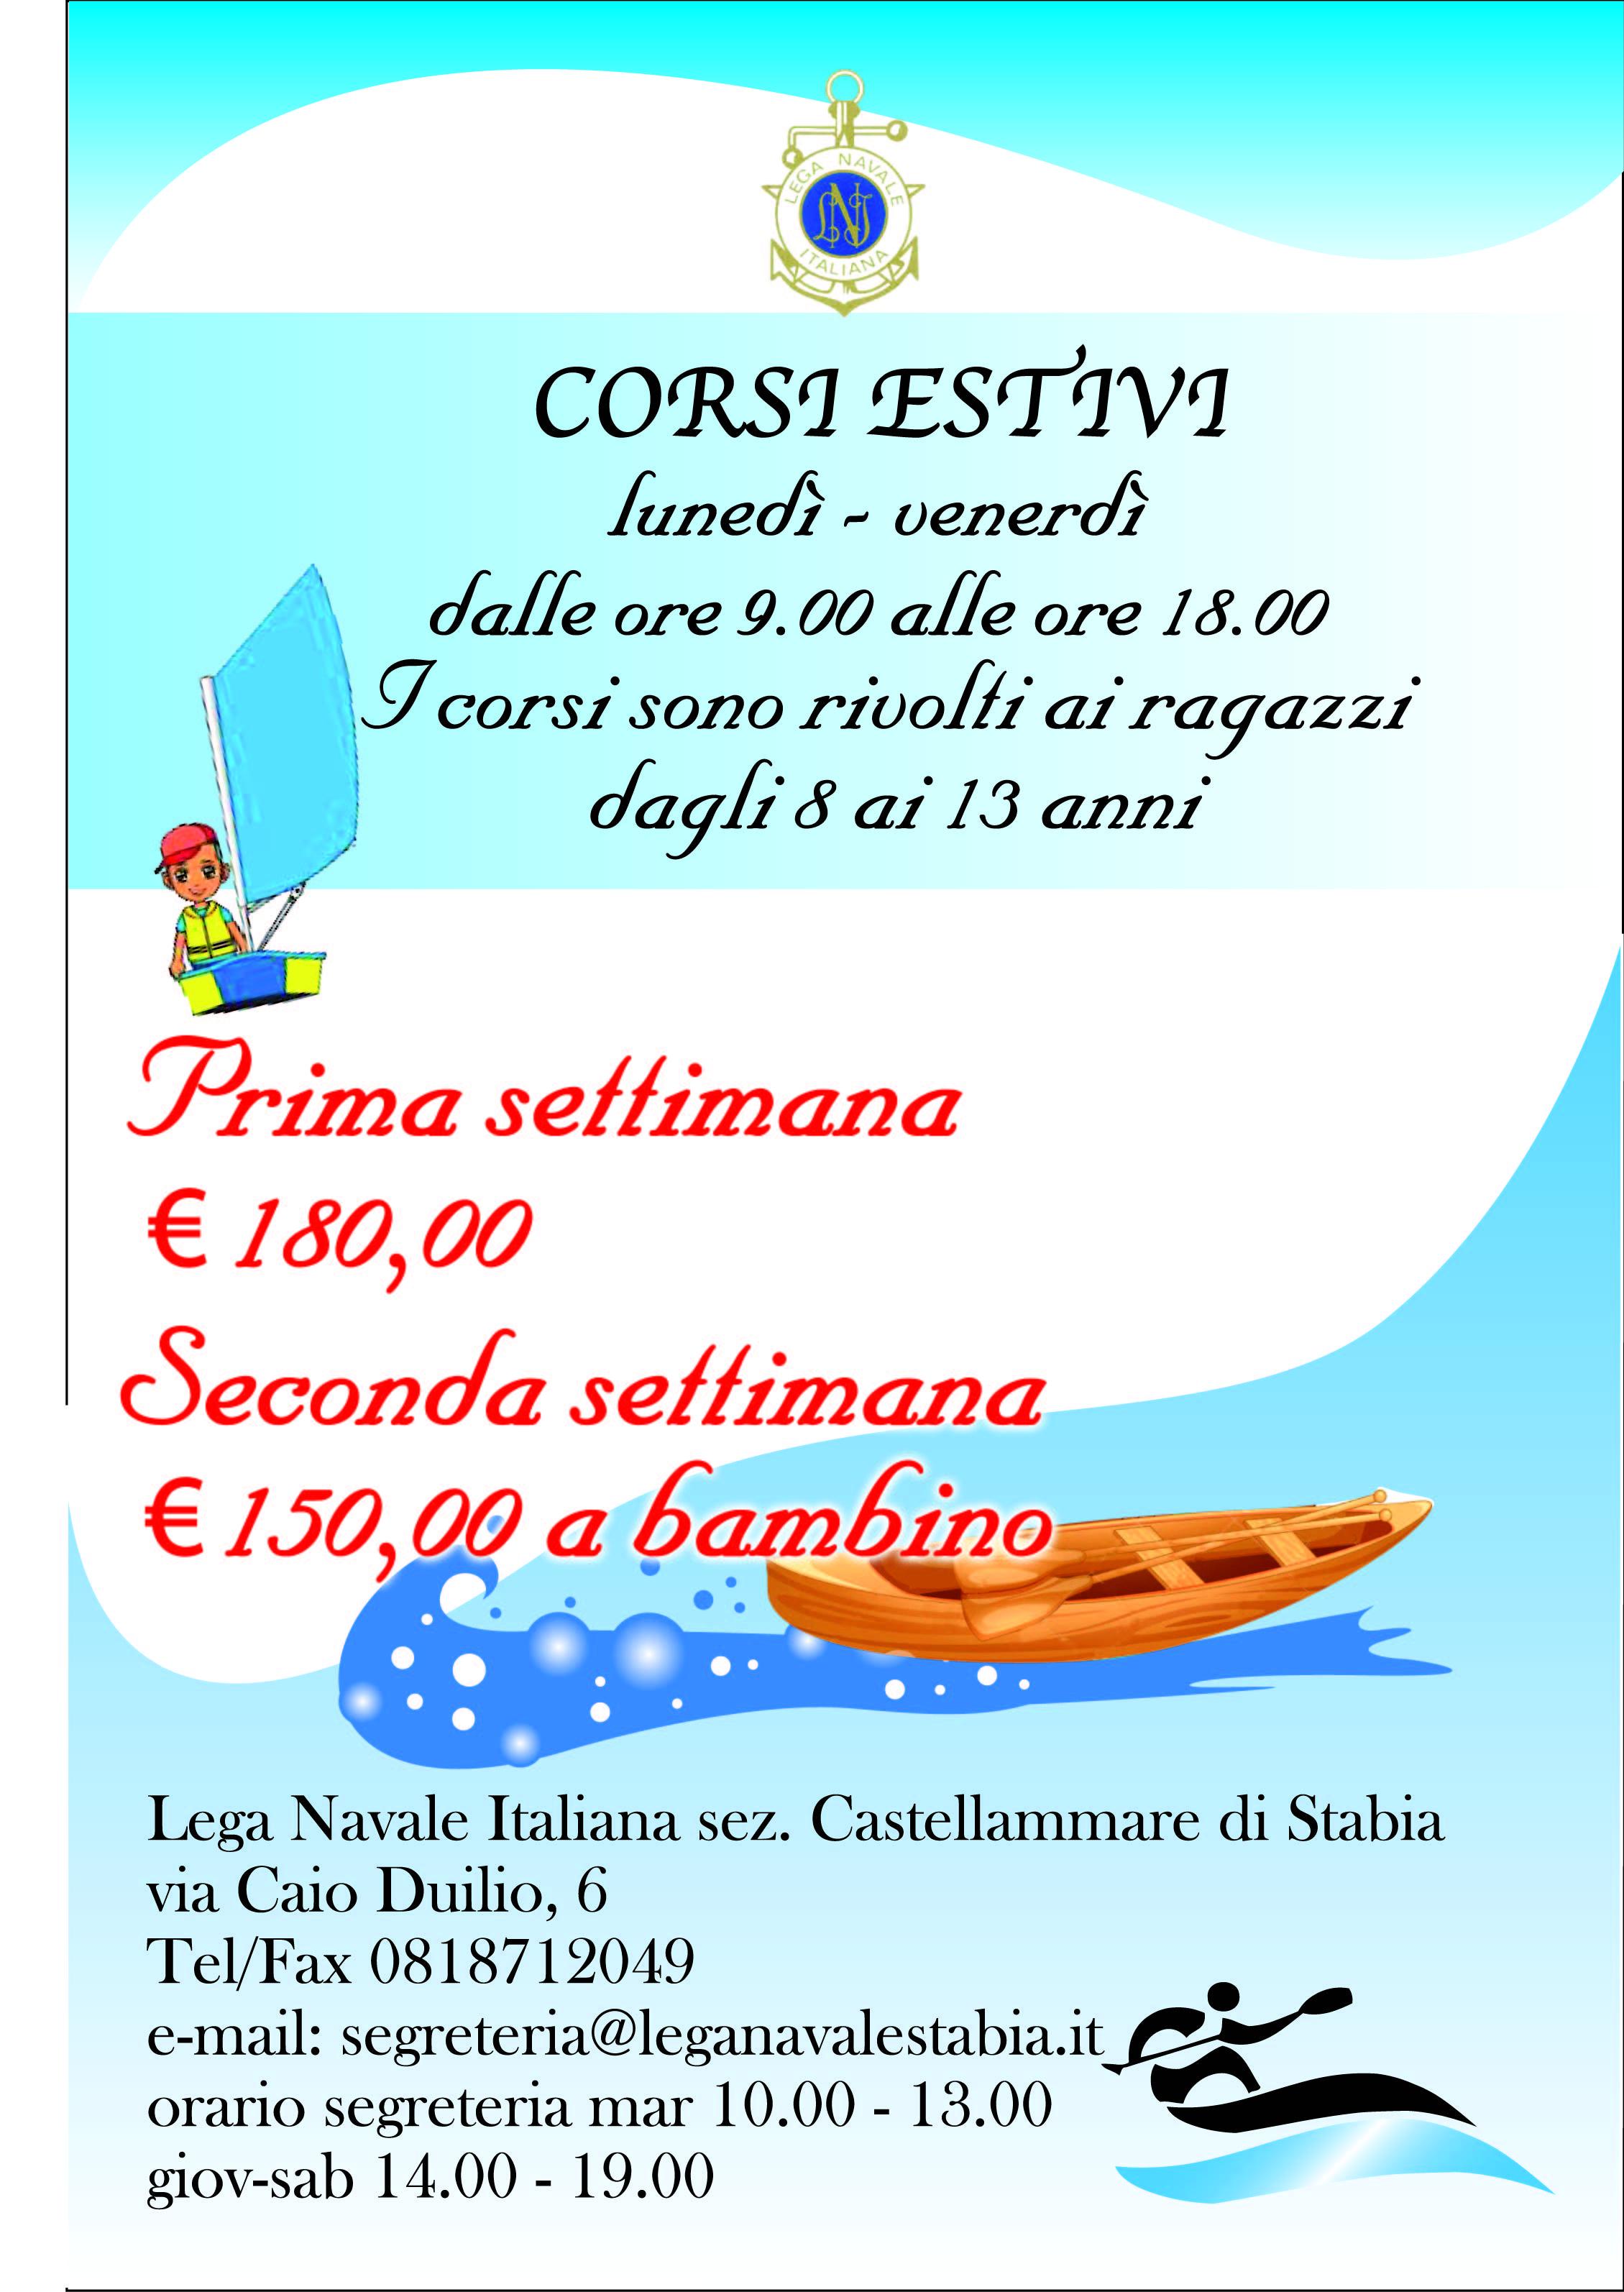 https://www.leganavalestabia.it/immagini_articoli/miniature/11399460508.jpg